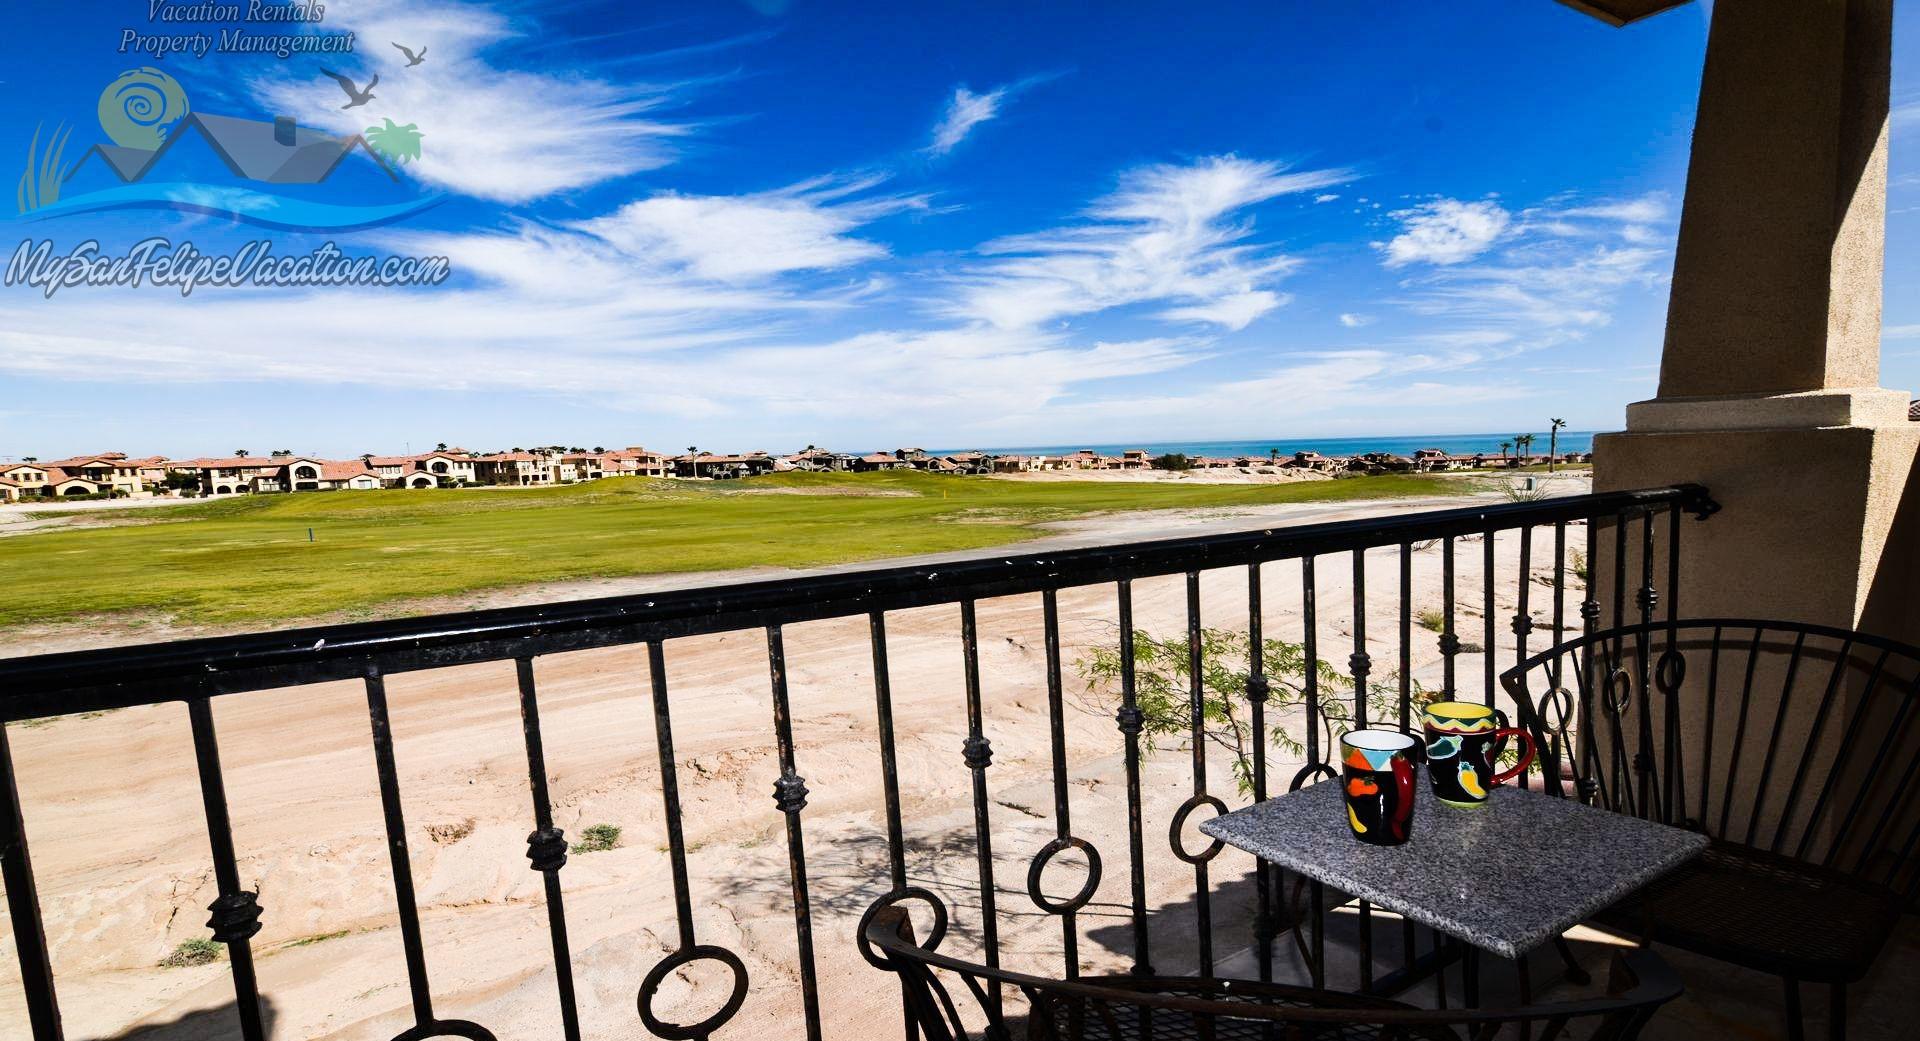 La Ventana del Mar San Felipe Baja Rental Condo 37-2 - Golf course view